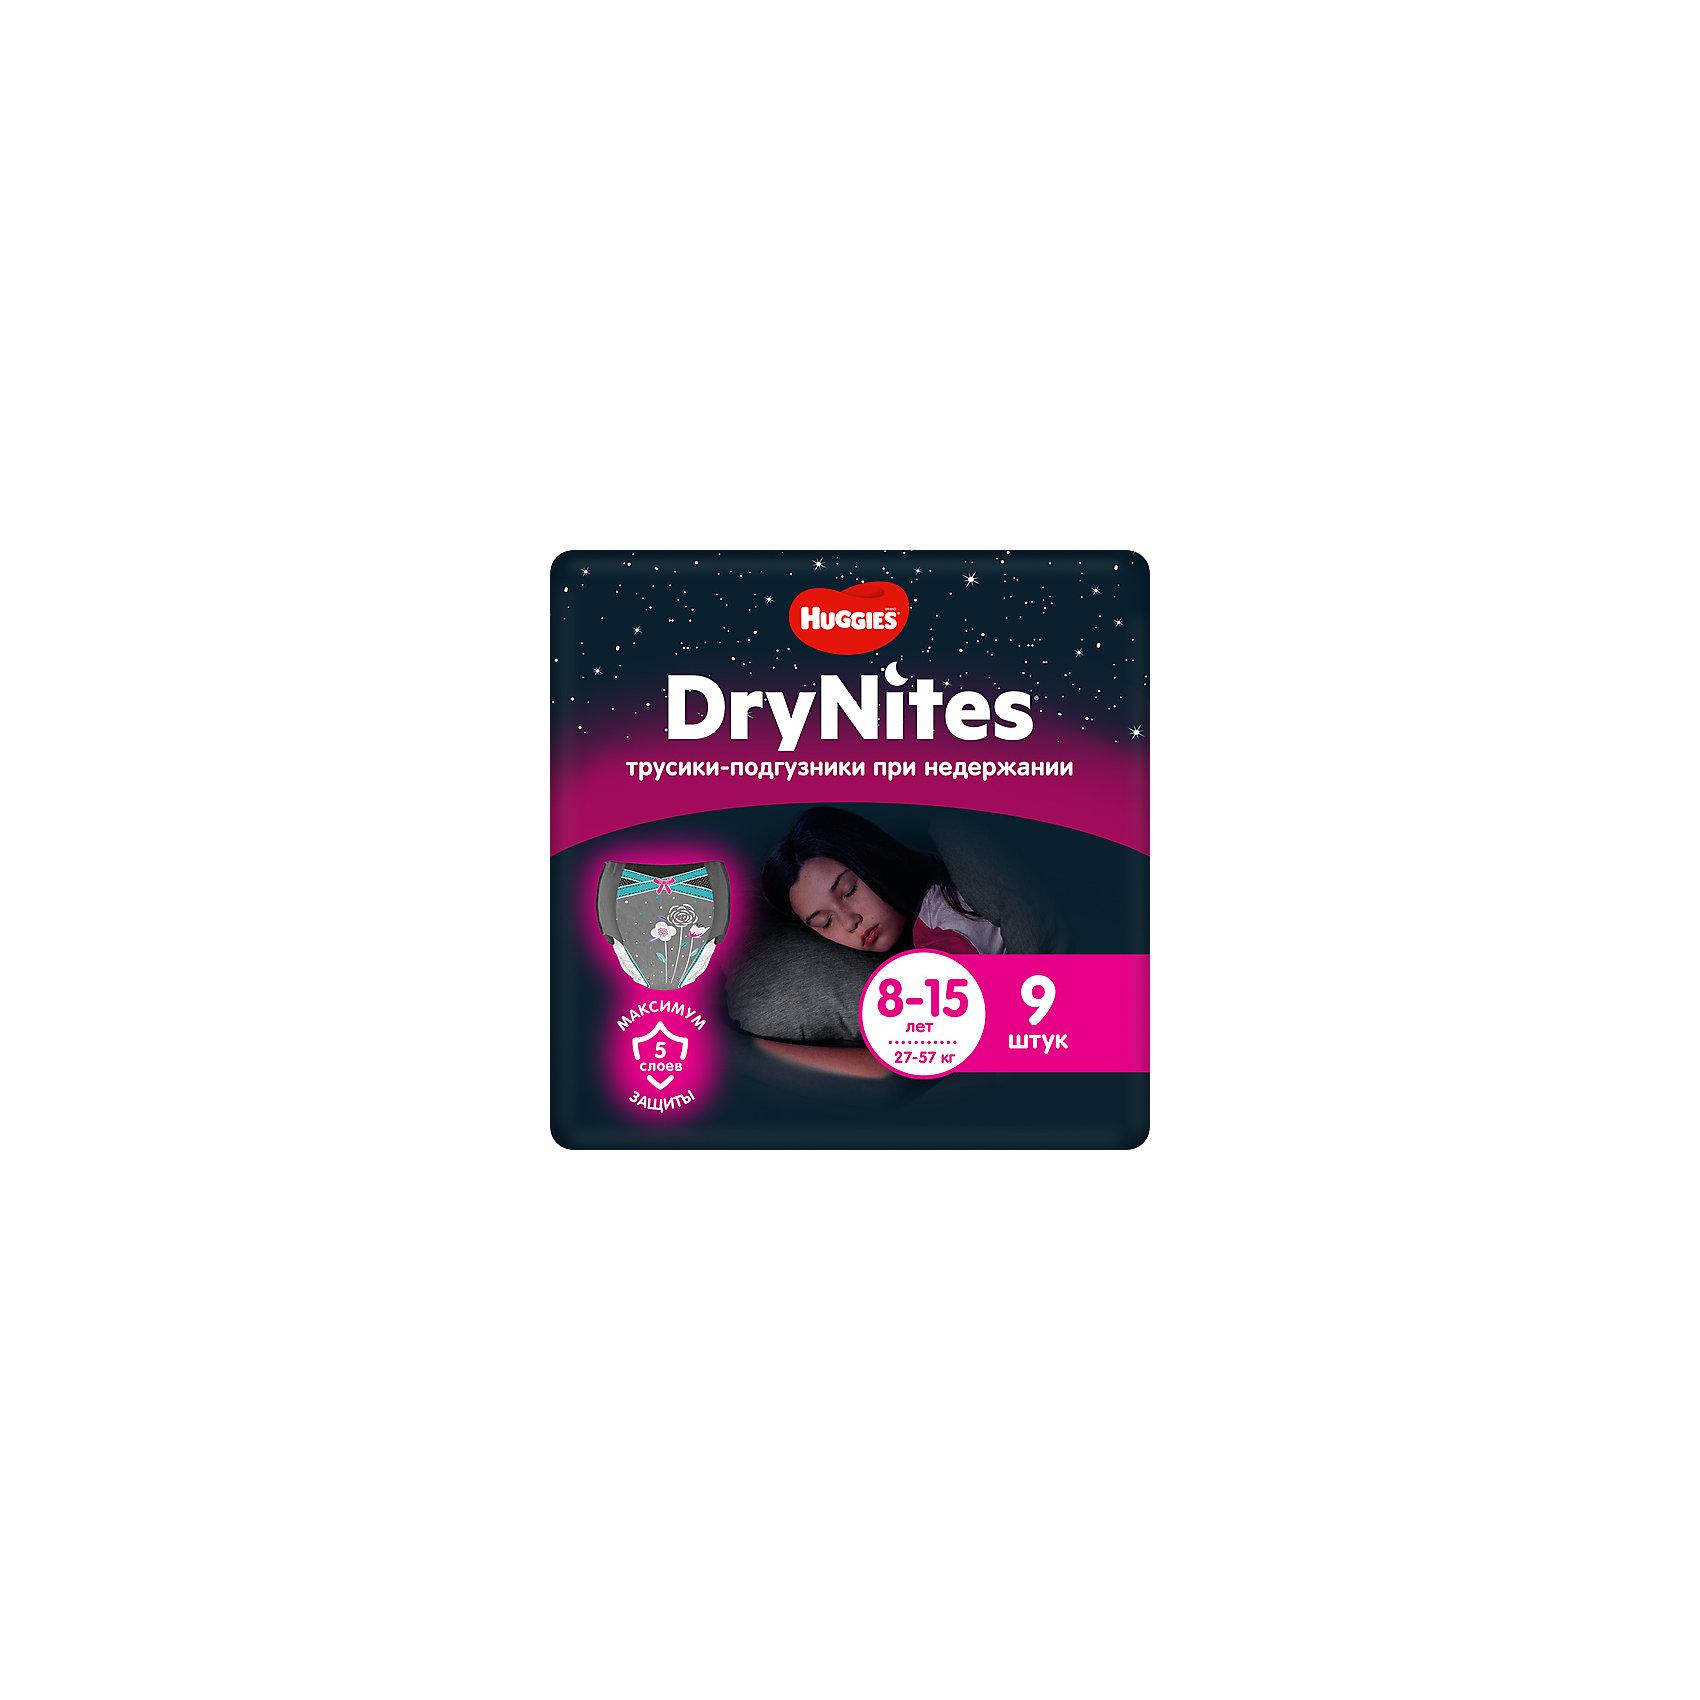 Трусики Huggies DryNites для девочек 8-15 лет, 27-57 кг, 9 шт. (HUGGIES)